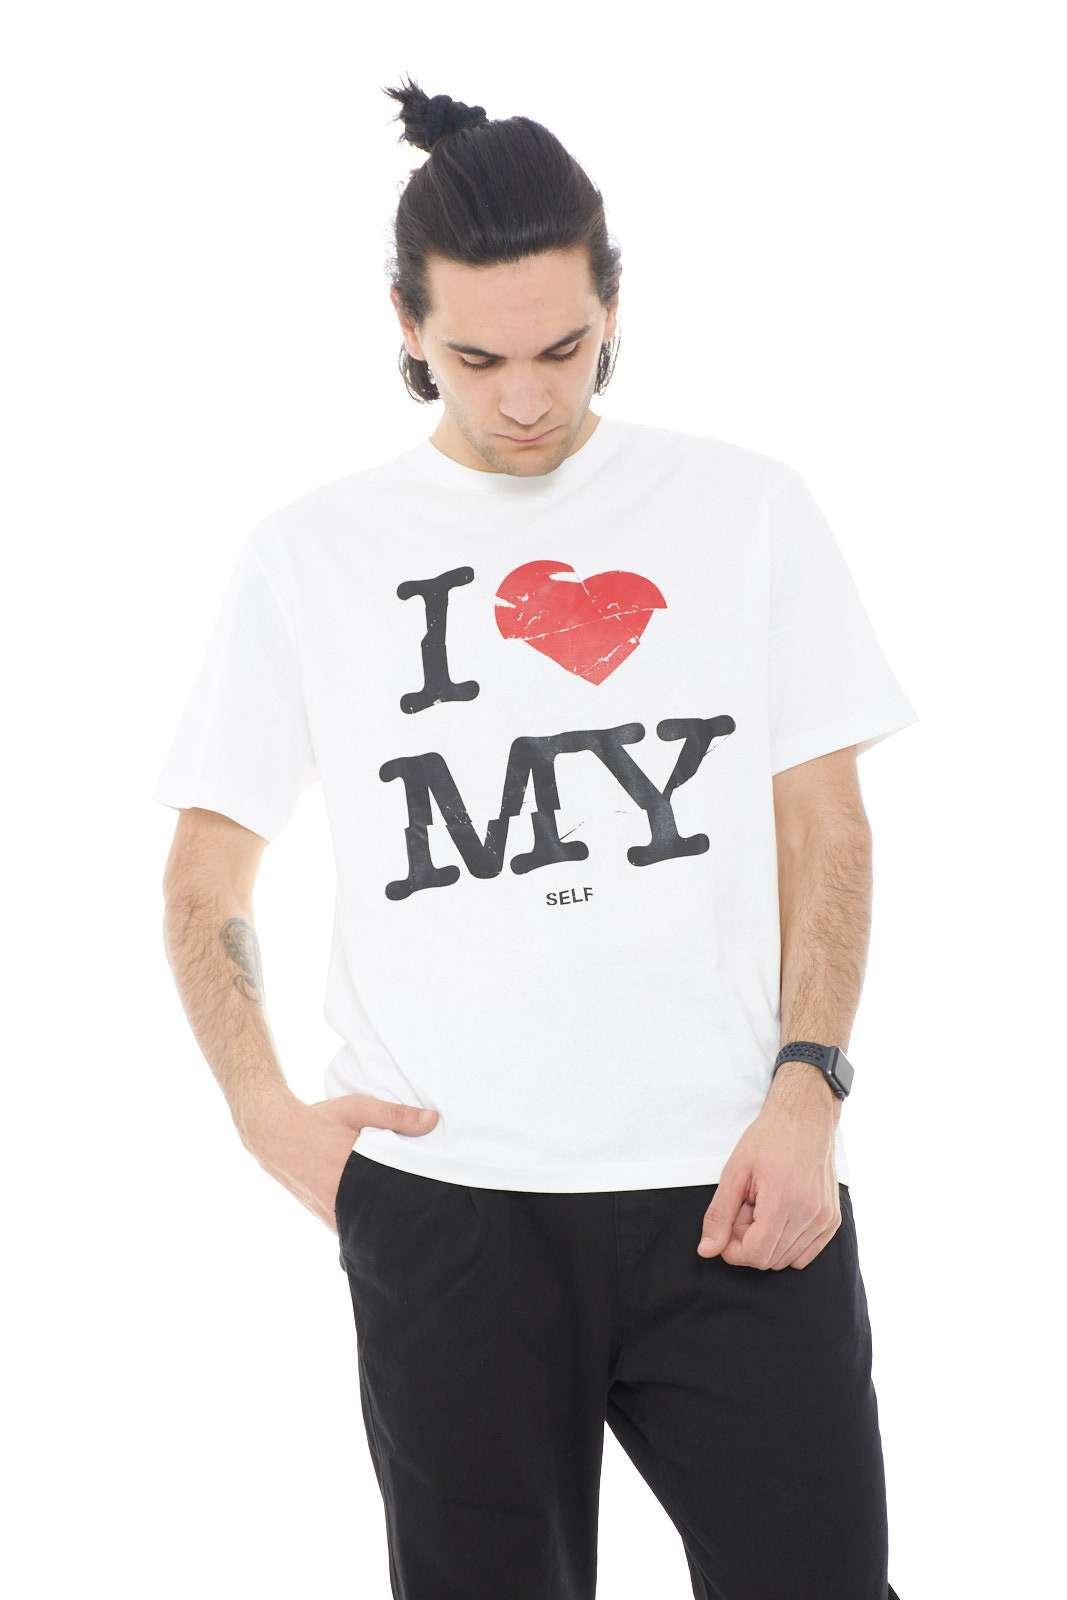 Una T shirt da uomo quella proposta da Hugo Boss. Una t shirt semplice e comoda, caratterizzata dalla stampa anteriore, per dare un tocco di colore alla t shirt.